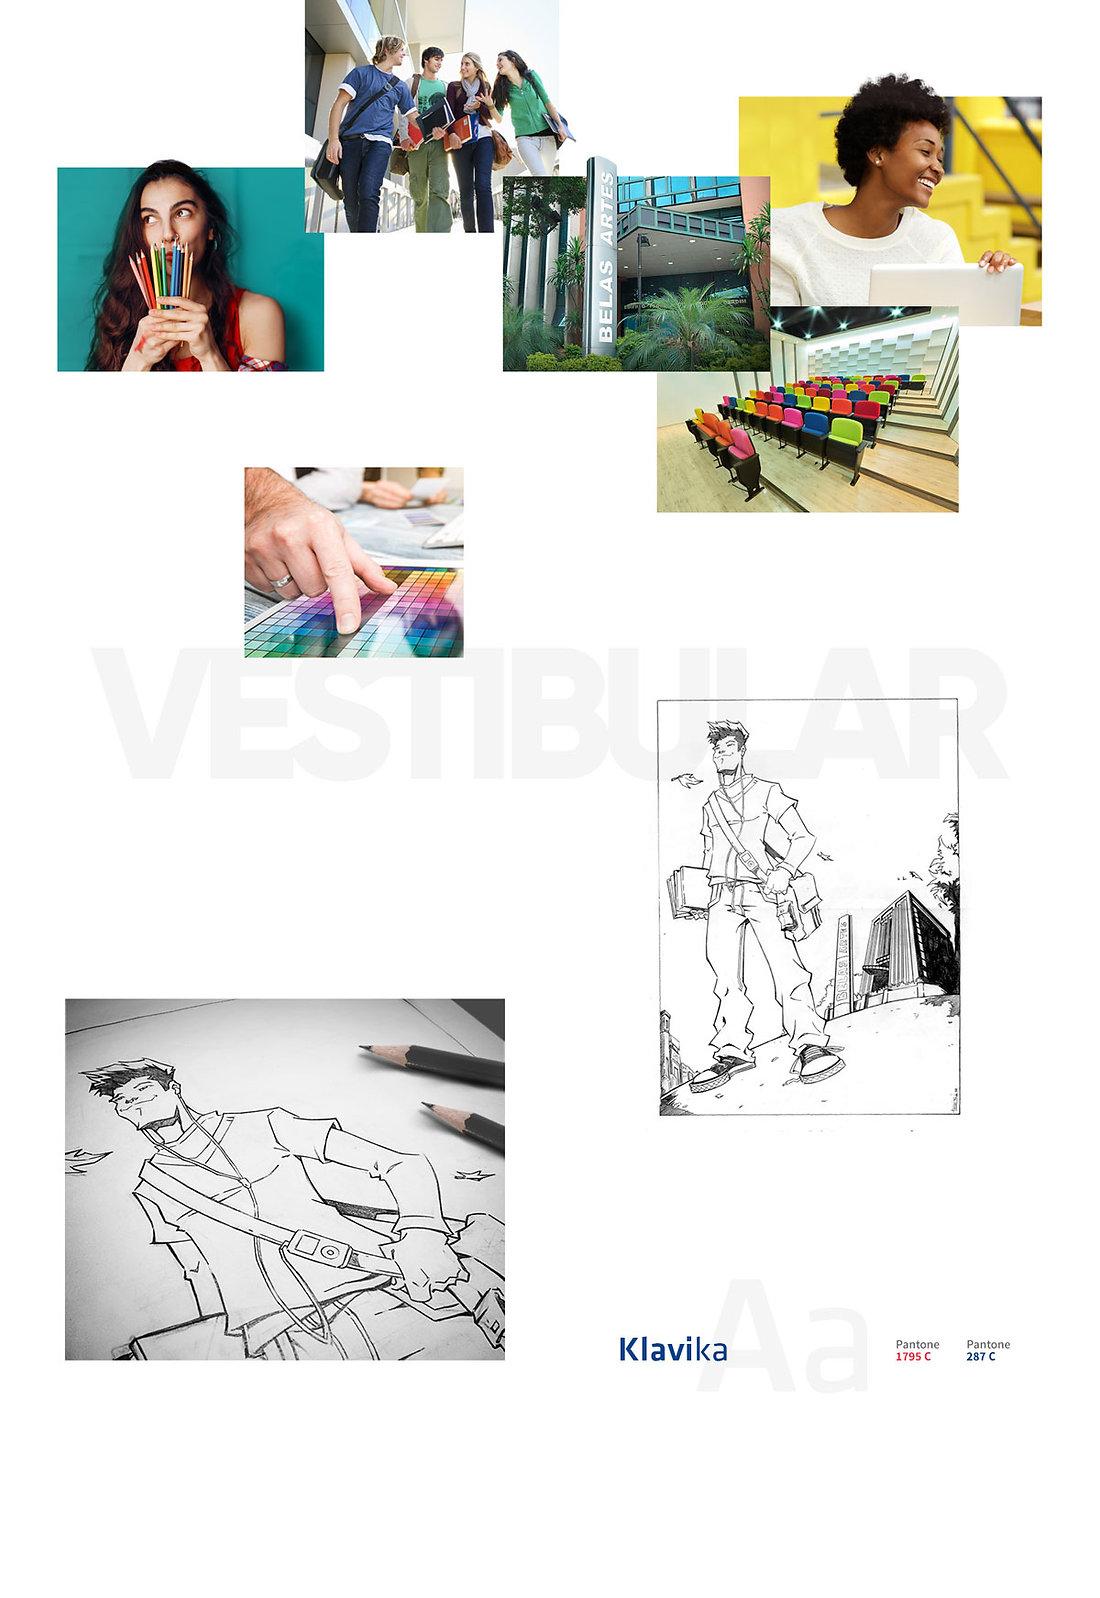 Belas Artes processo seletivo desenho